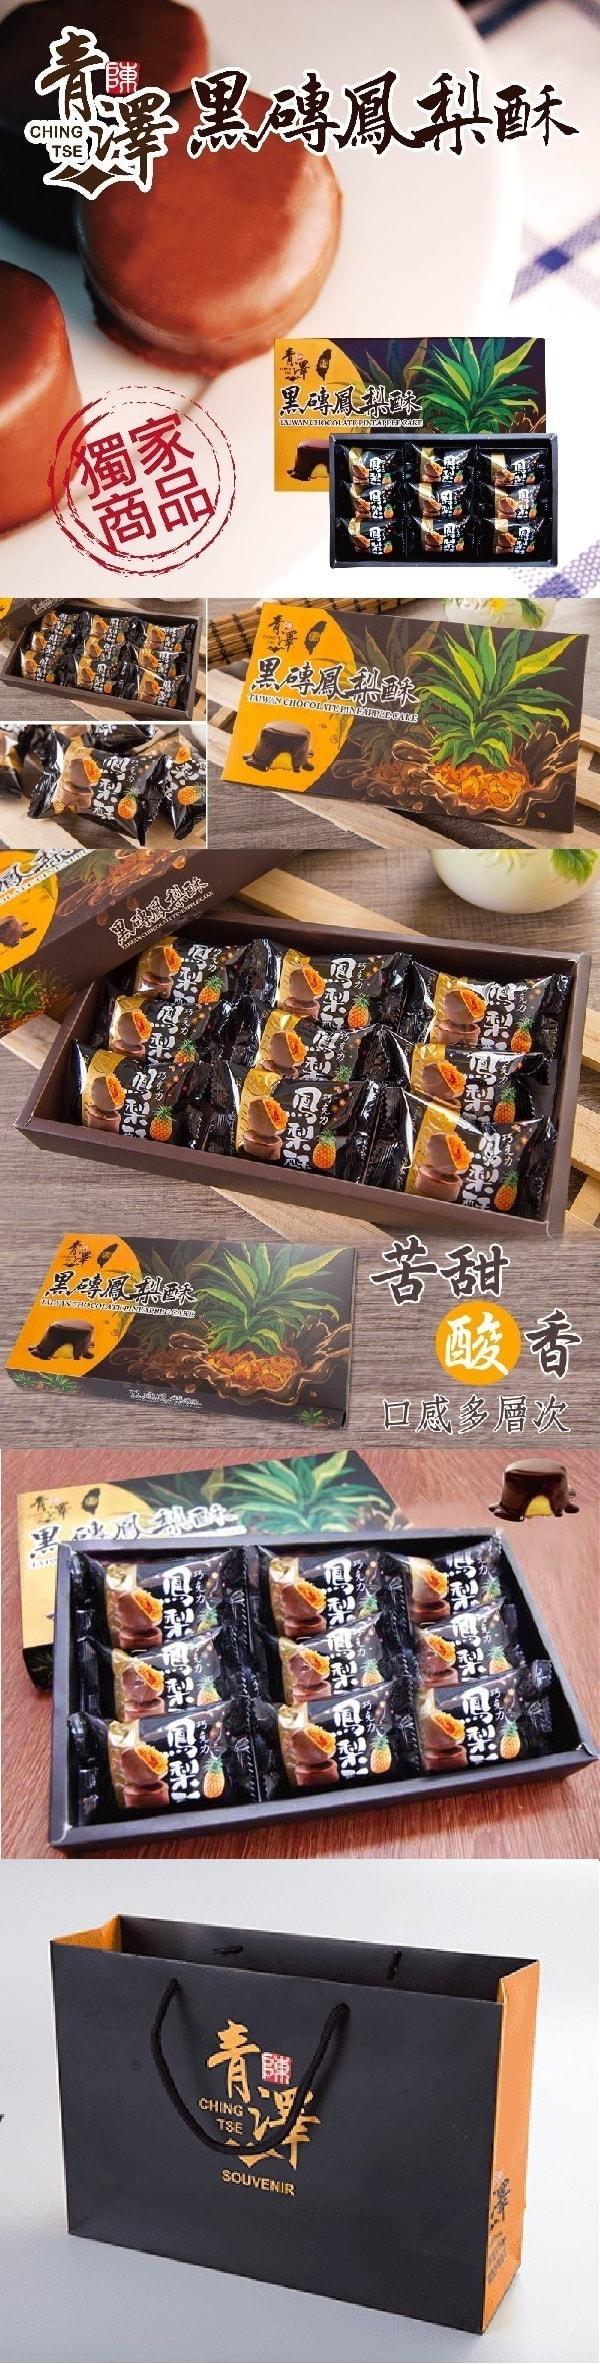 [台湾直邮]      台东青泽 黑砖凤梨酥 180g 9入